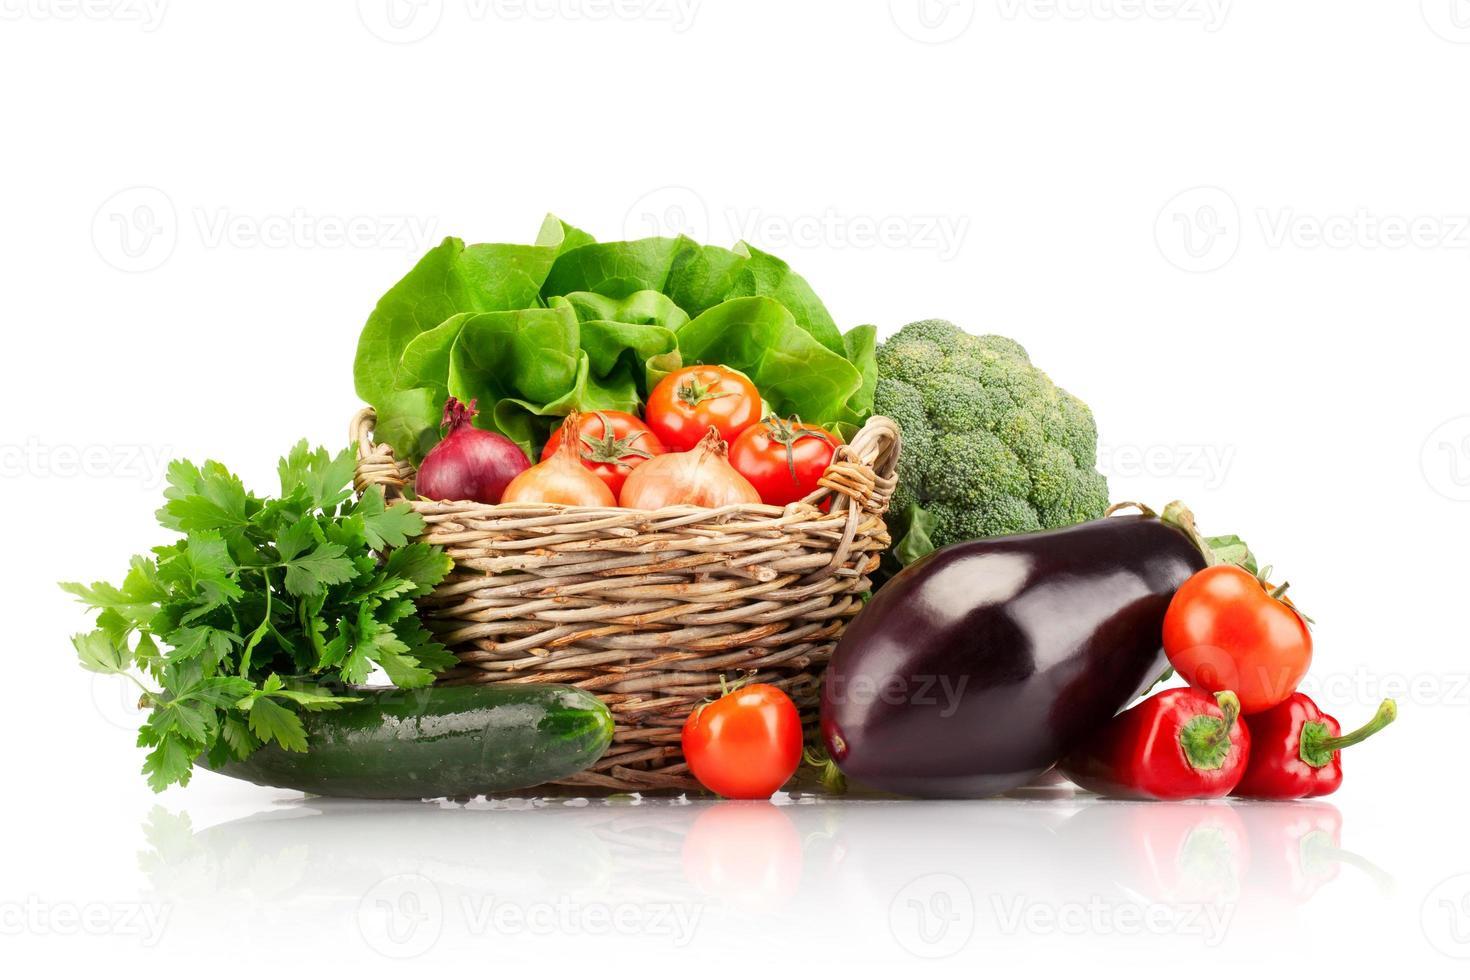 le verdure hanno organizzato in un cestino su una priorità bassa bianca foto